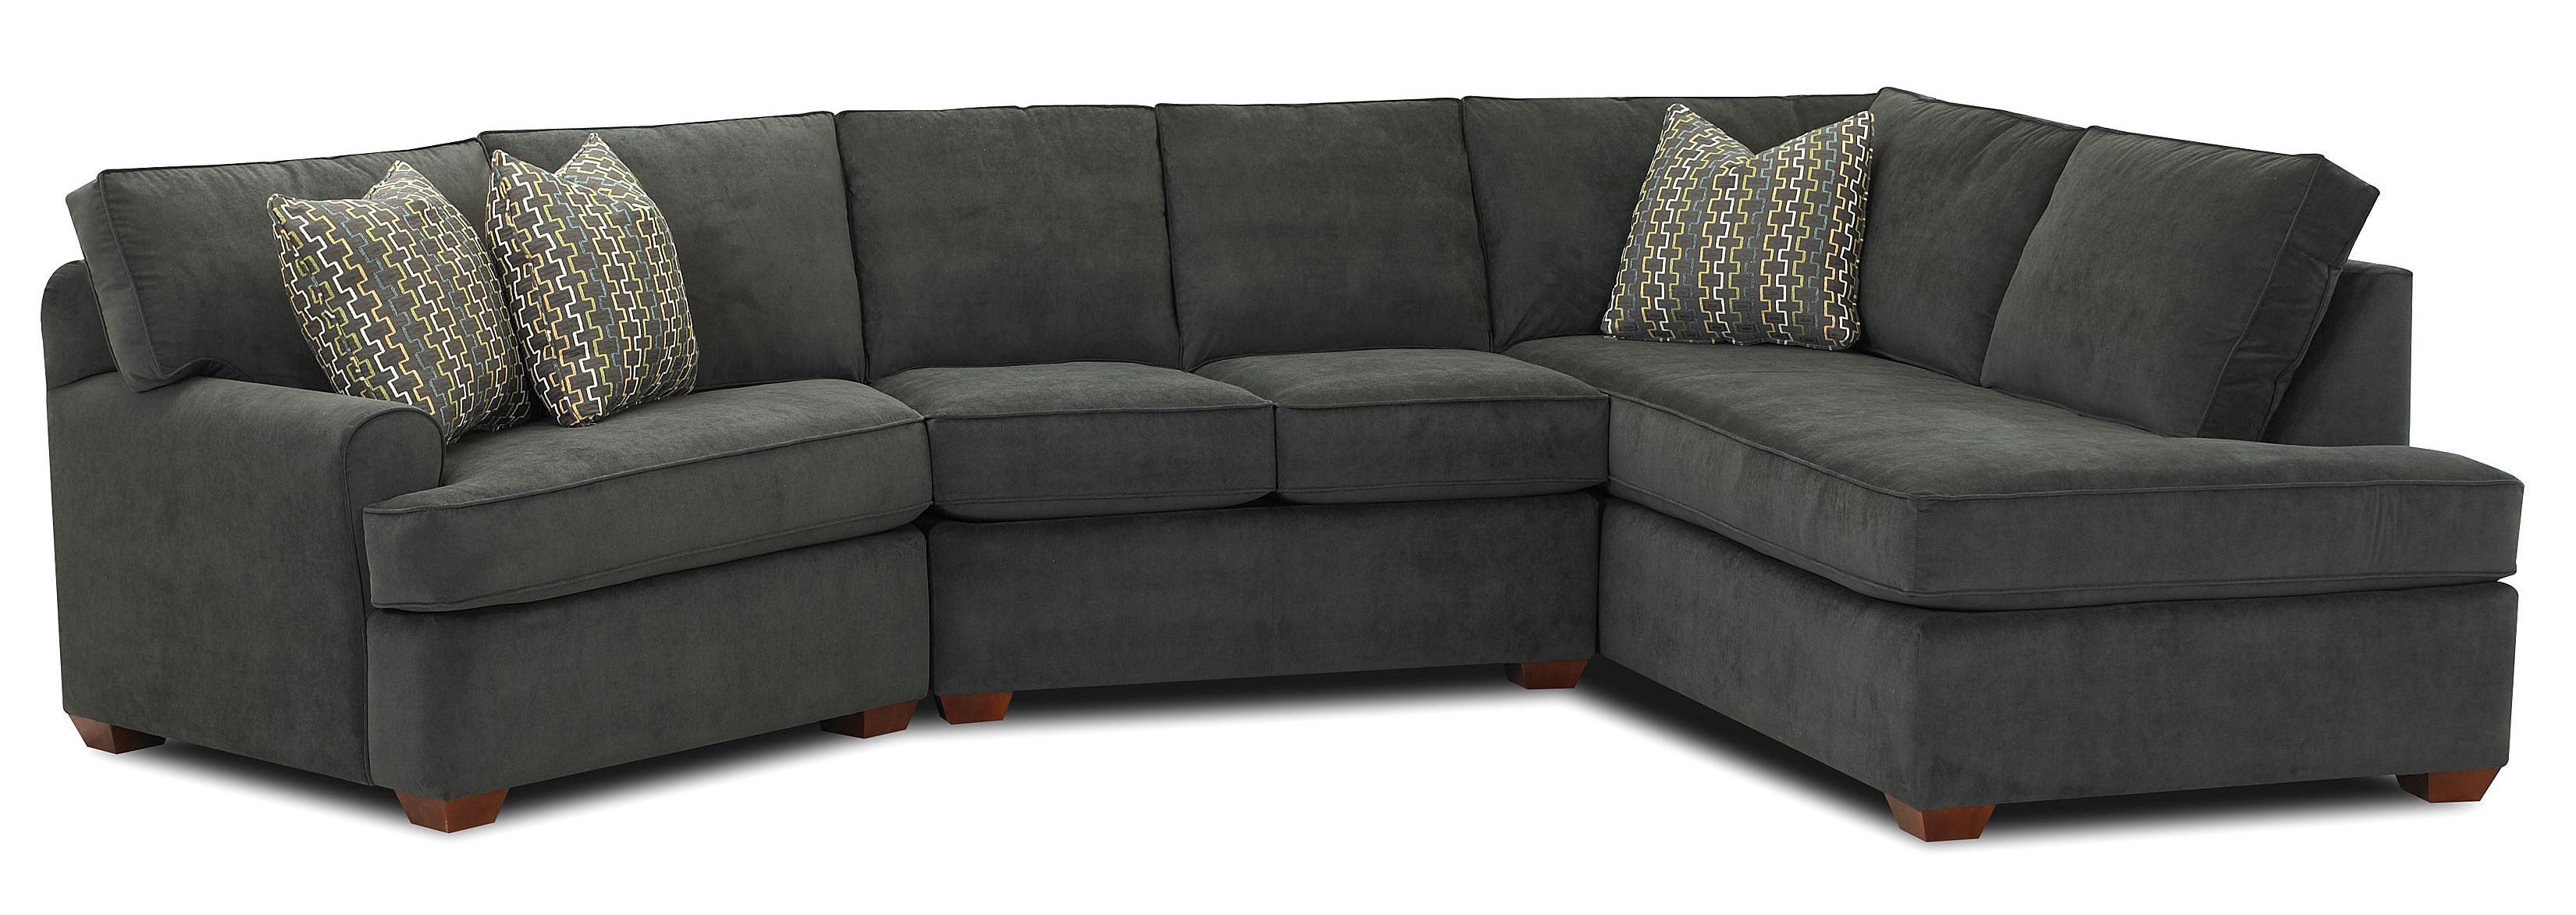 k54400l bc als r schs sectional sofa